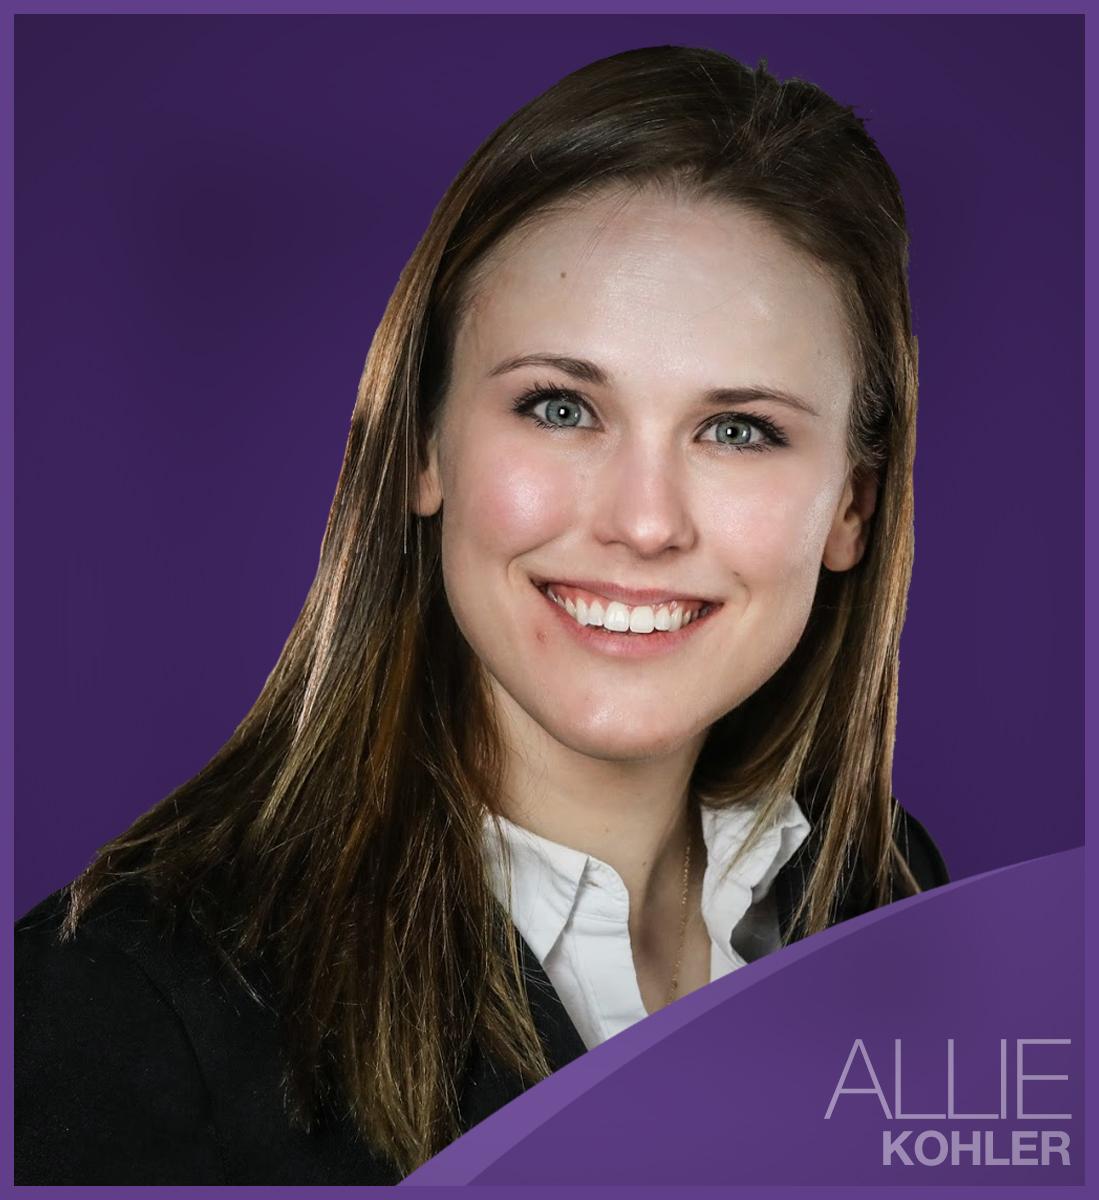 Allie Kohler